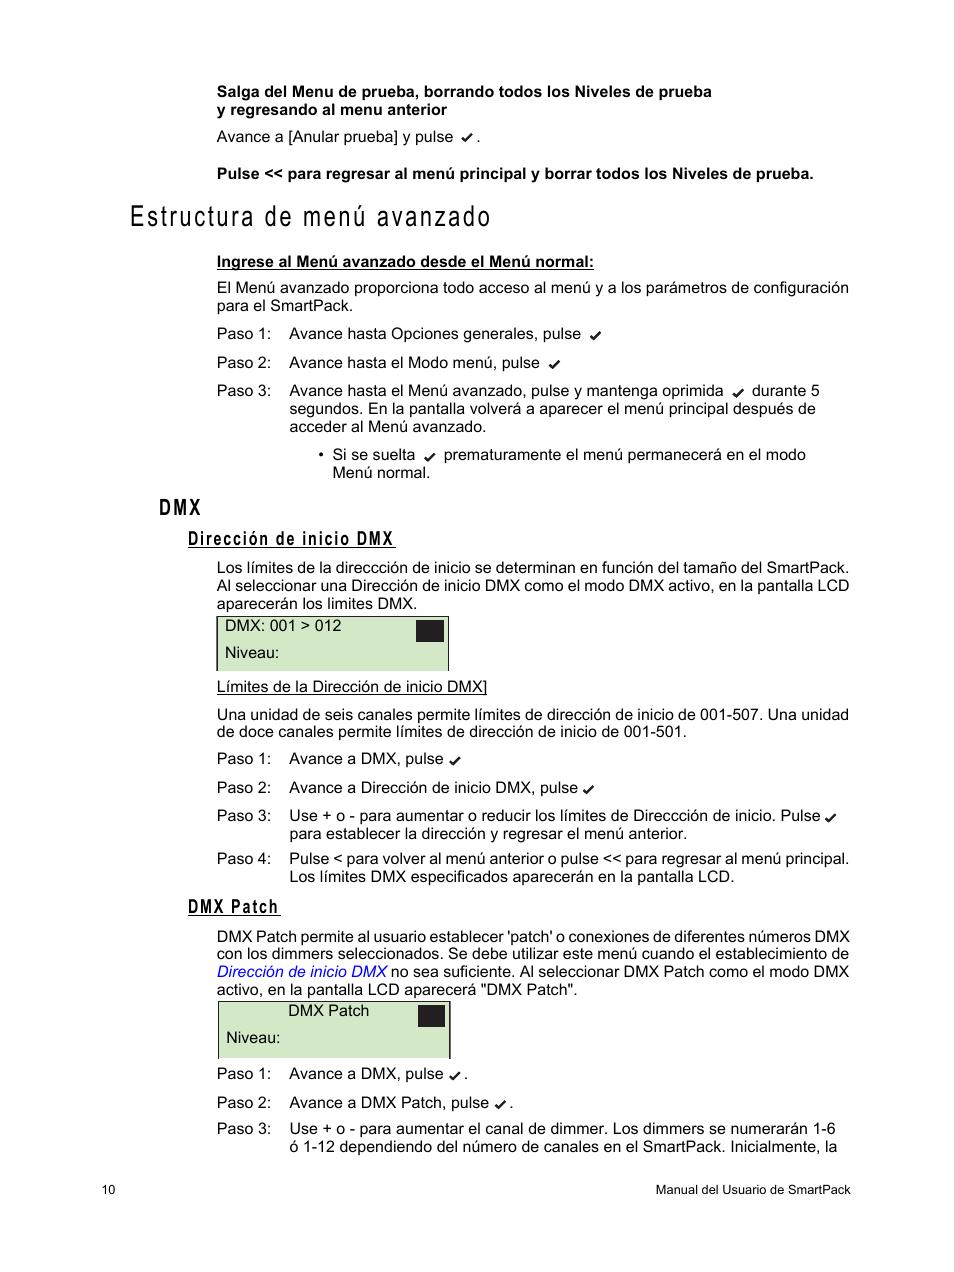 Estructura de menú avanzado, Dirección de inicio dmx, Dmx